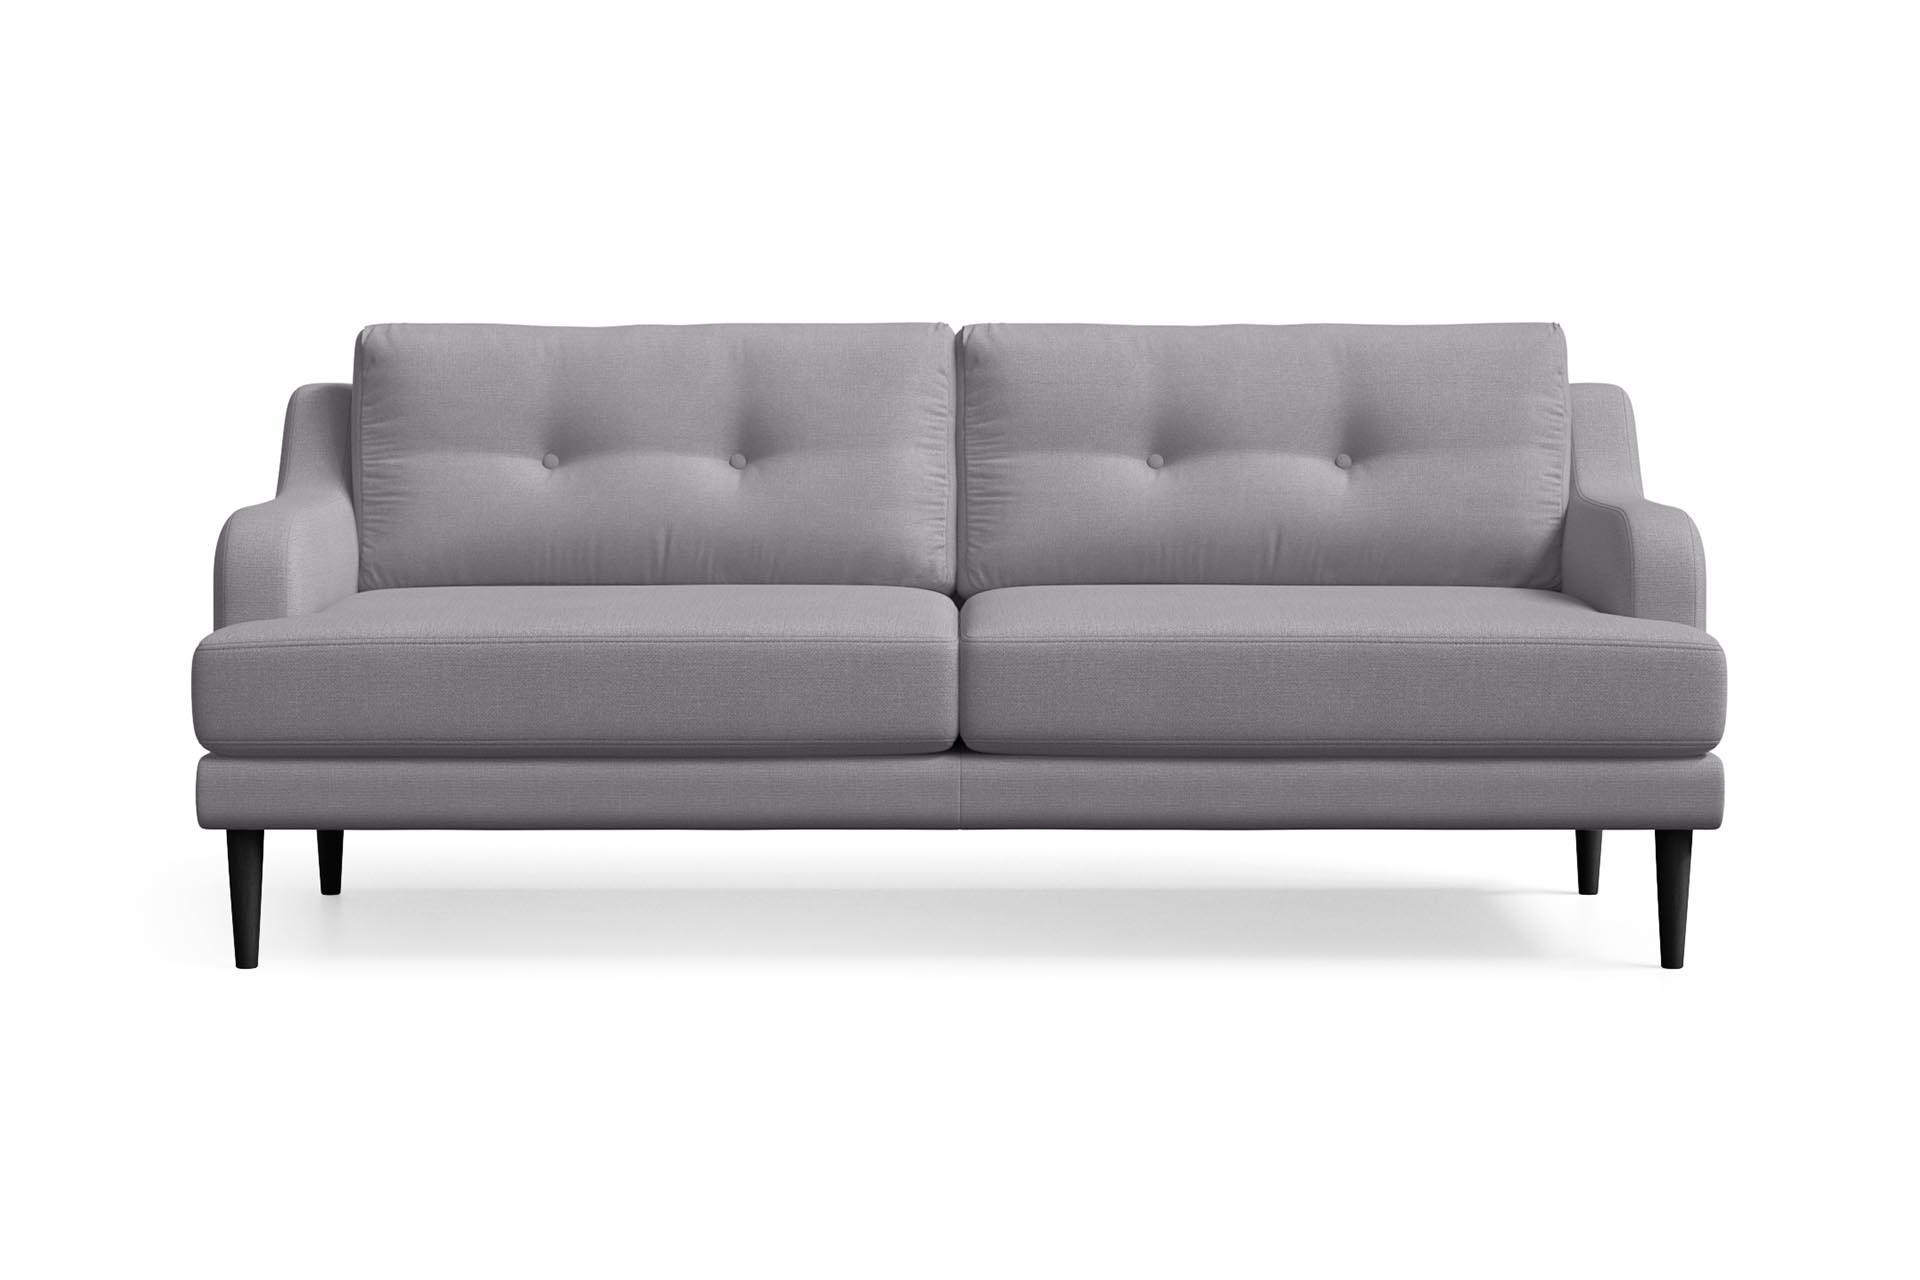 Canapé 3 places toucher lin gris